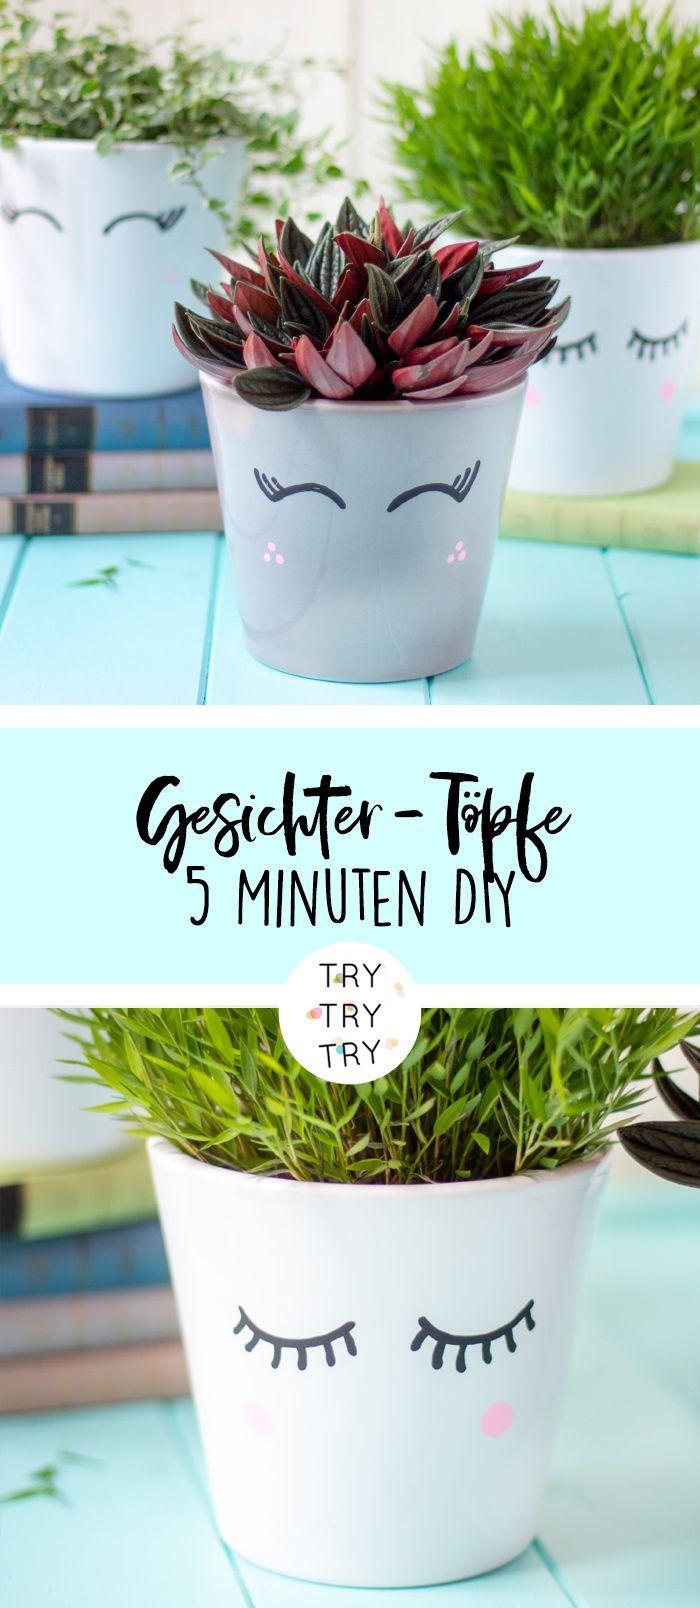 DIY Blumentopf-Upcycling & die besten Zimmerpflanz…